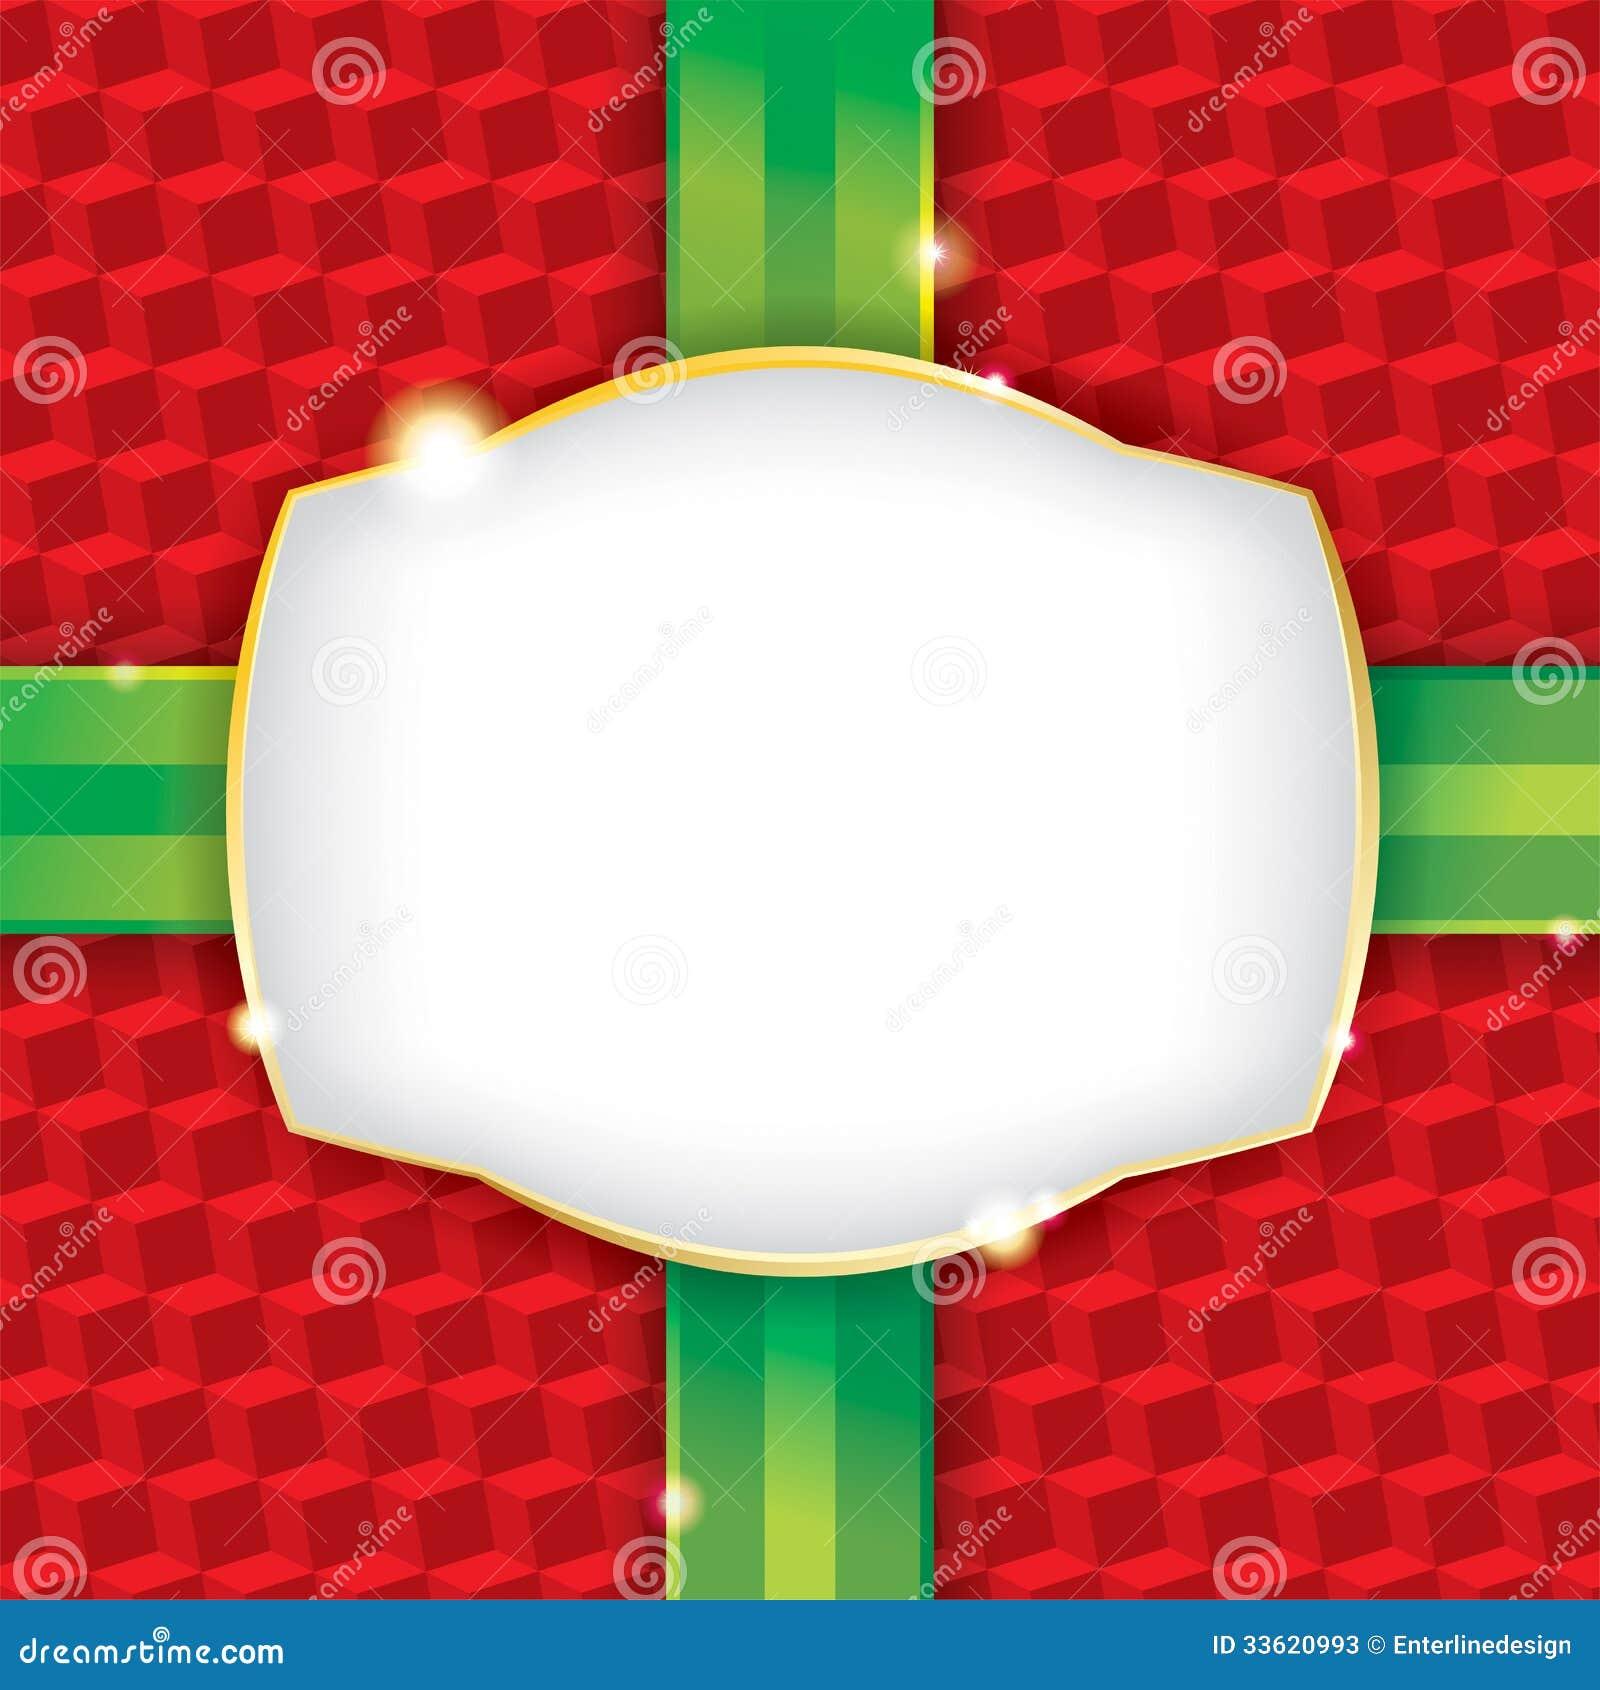 Weihnachtsgeschenk-Packpapier-Hintergrund Vektor Abbildung ...